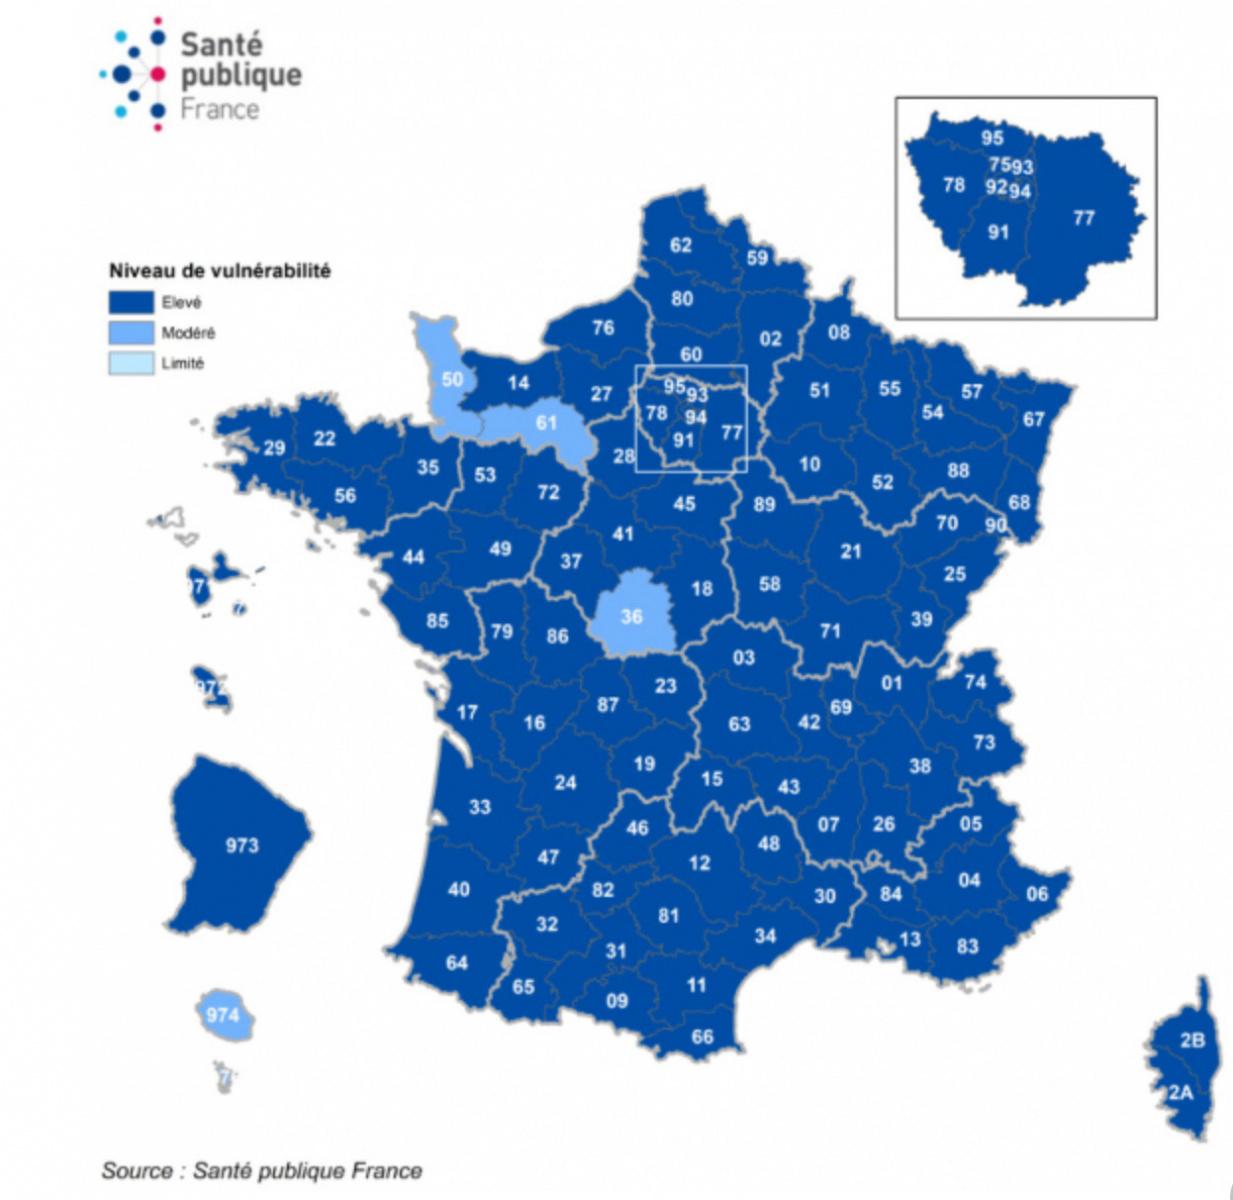 Carte De France Coronavirus Les Departements En Vulnerabilite La France En Etat D Urgence Sanitaire Deuxieme Confinement Sortiraparis Com